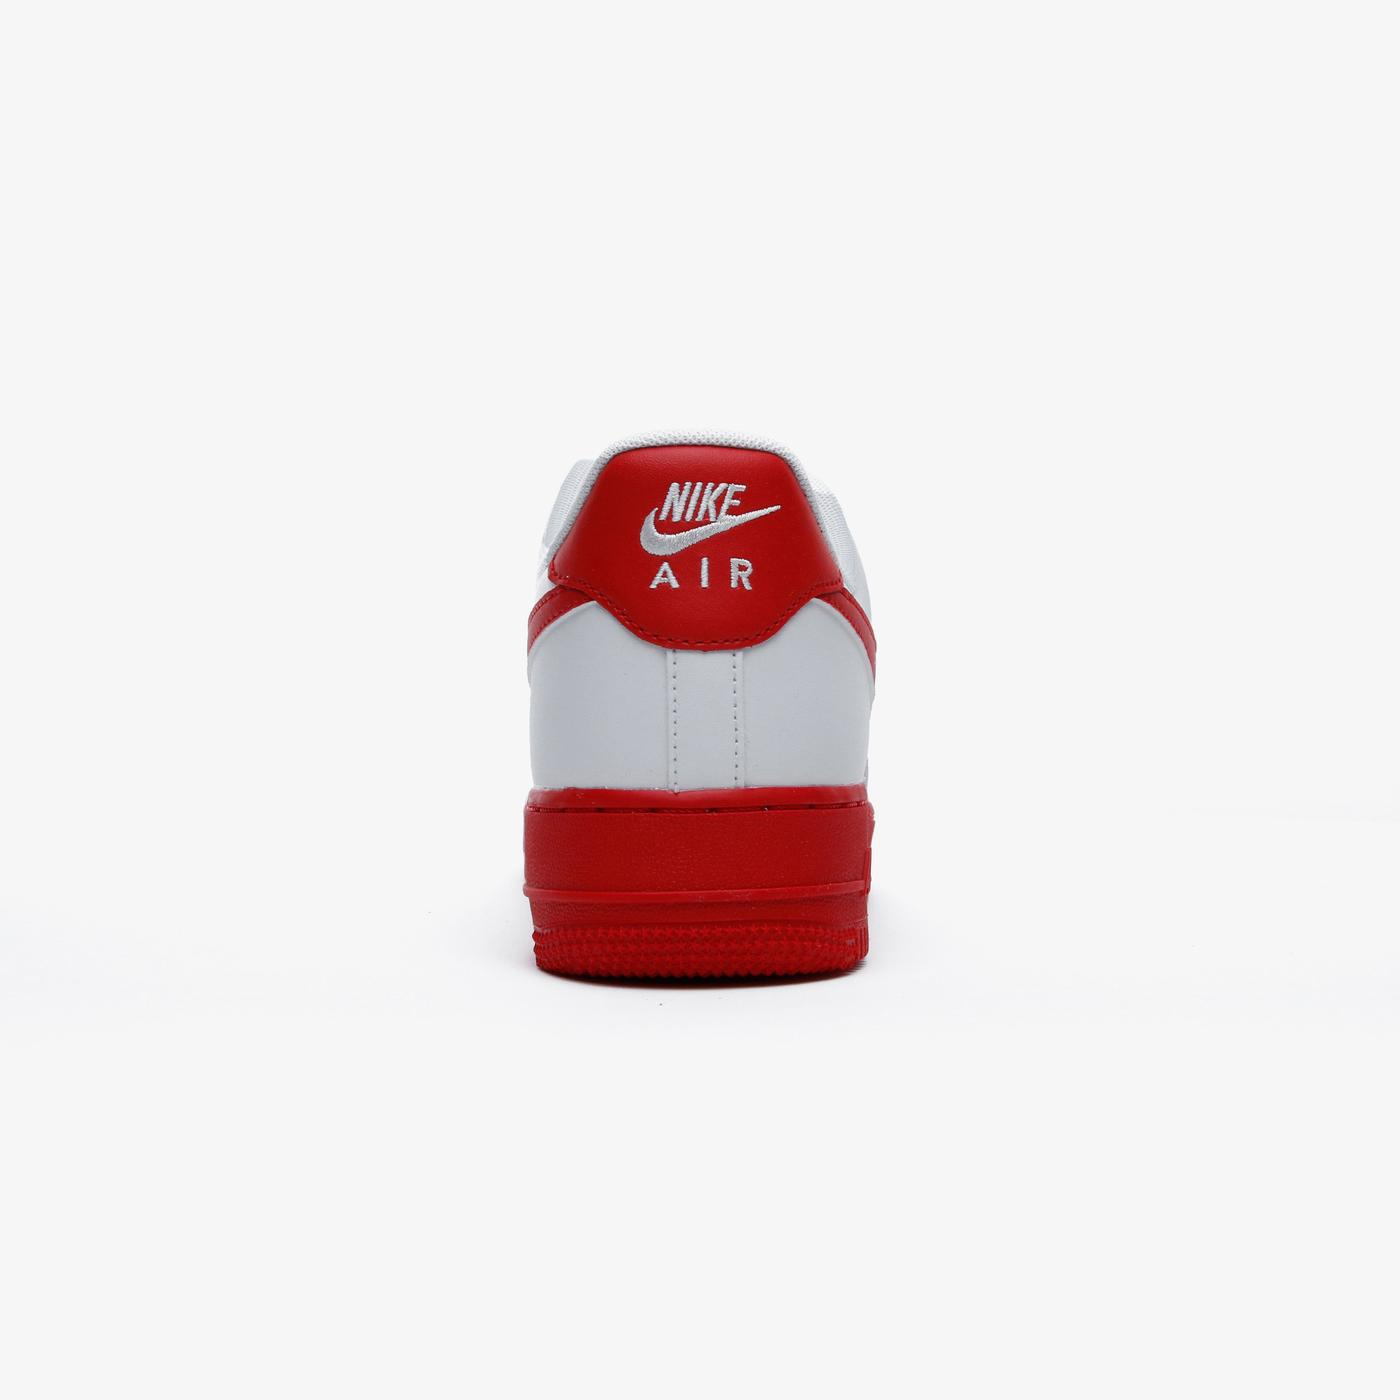 Nike Air Force 1 Low Erkek Beyaz-Kırmızı Spor Ayakkabı